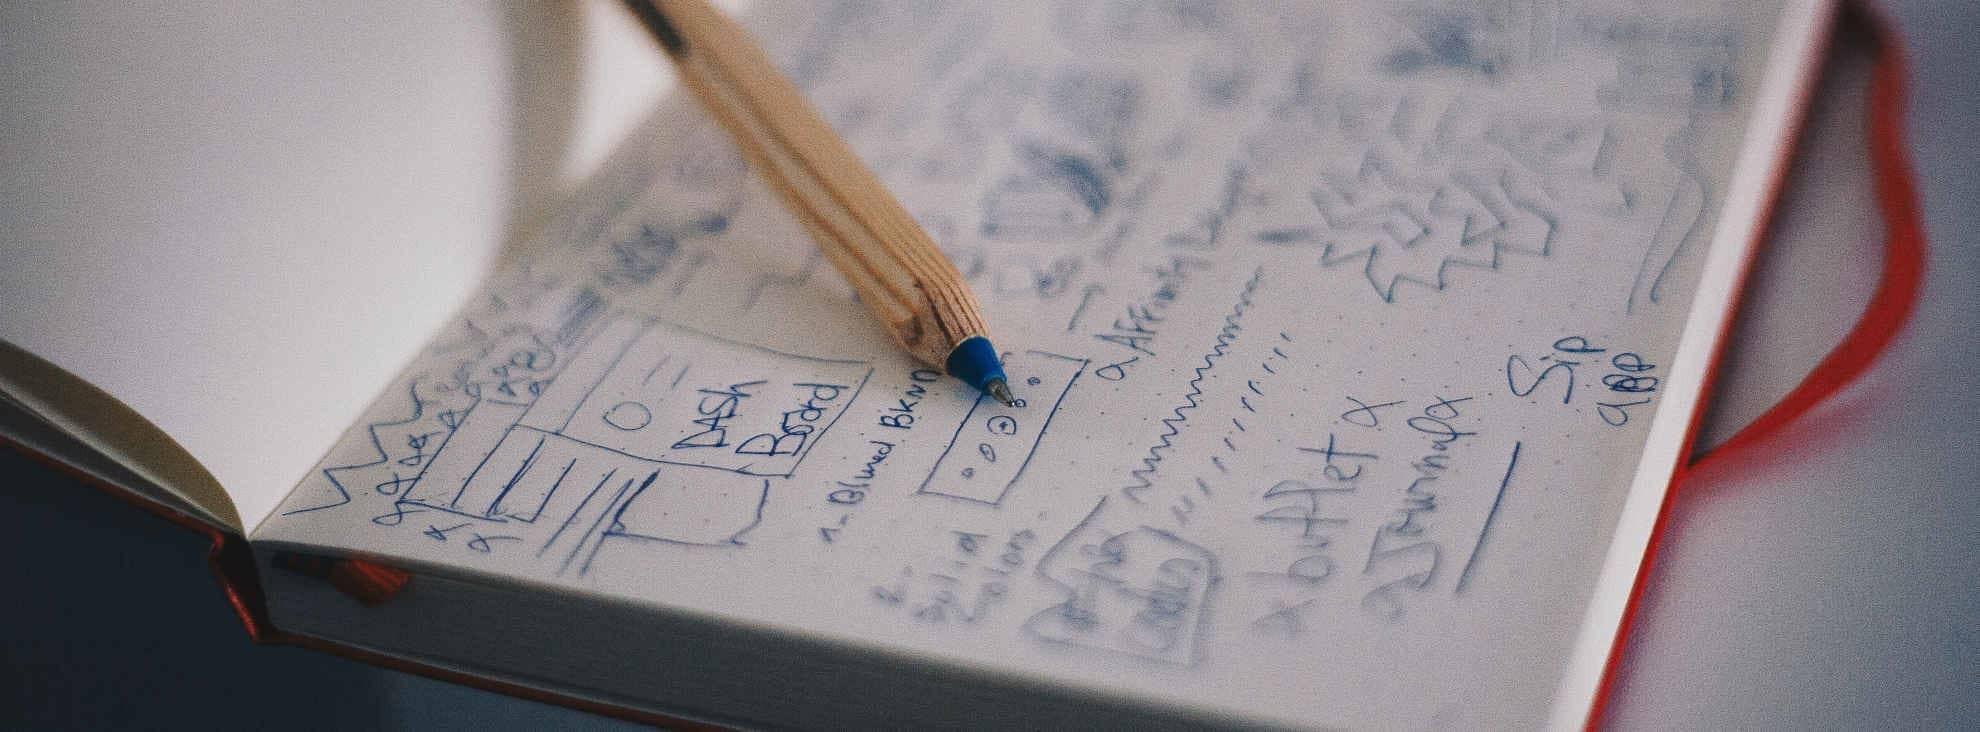 Startup gründen: Die Checkliste für Durchstarter